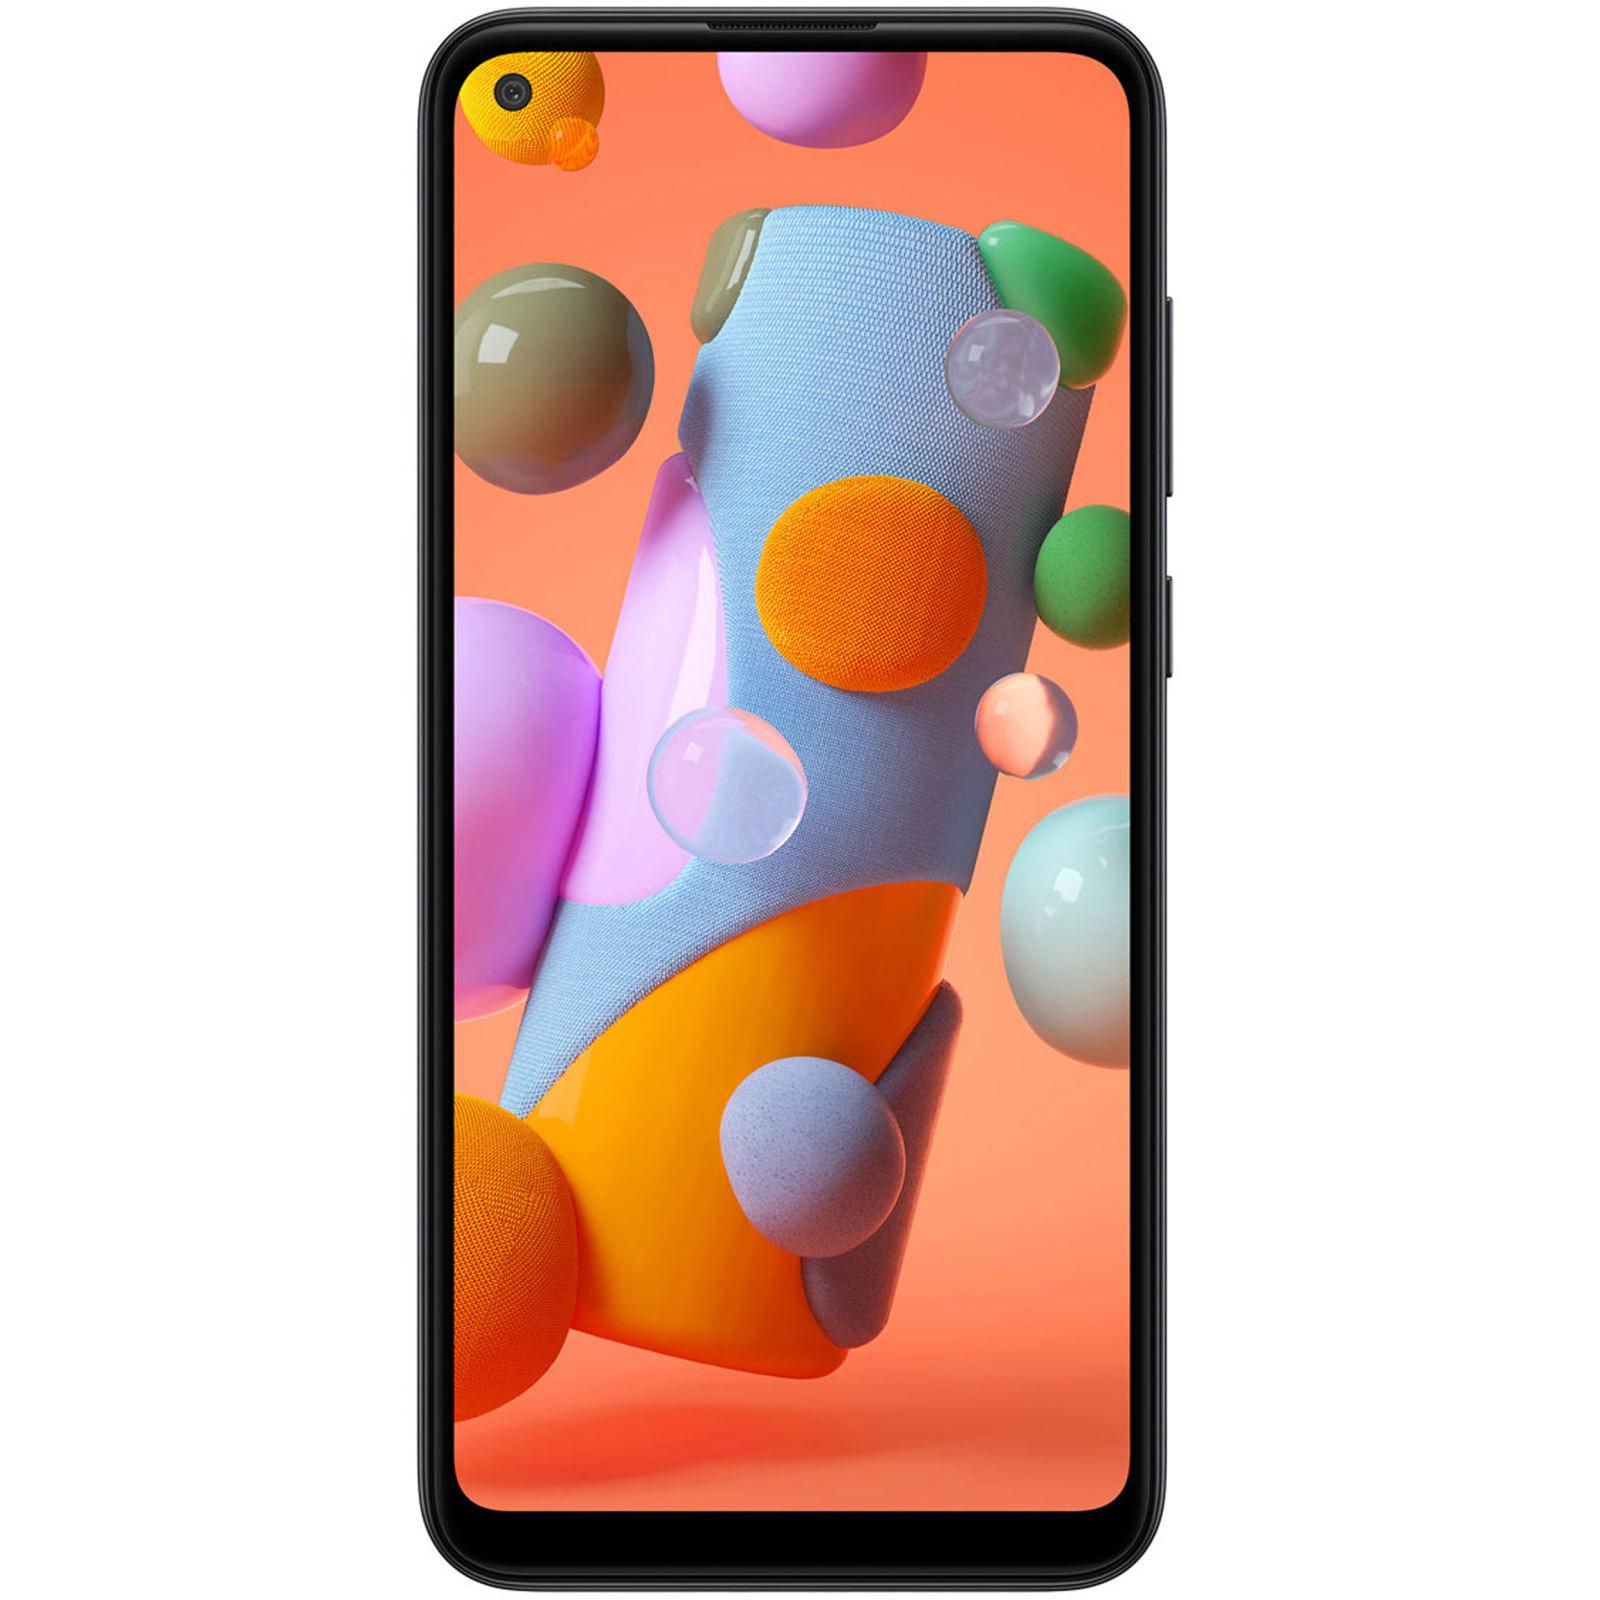 فروش نقدی و اقساطی گوشی موبایل سامسونگ Samsung Galaxy A11 (2020)-A115